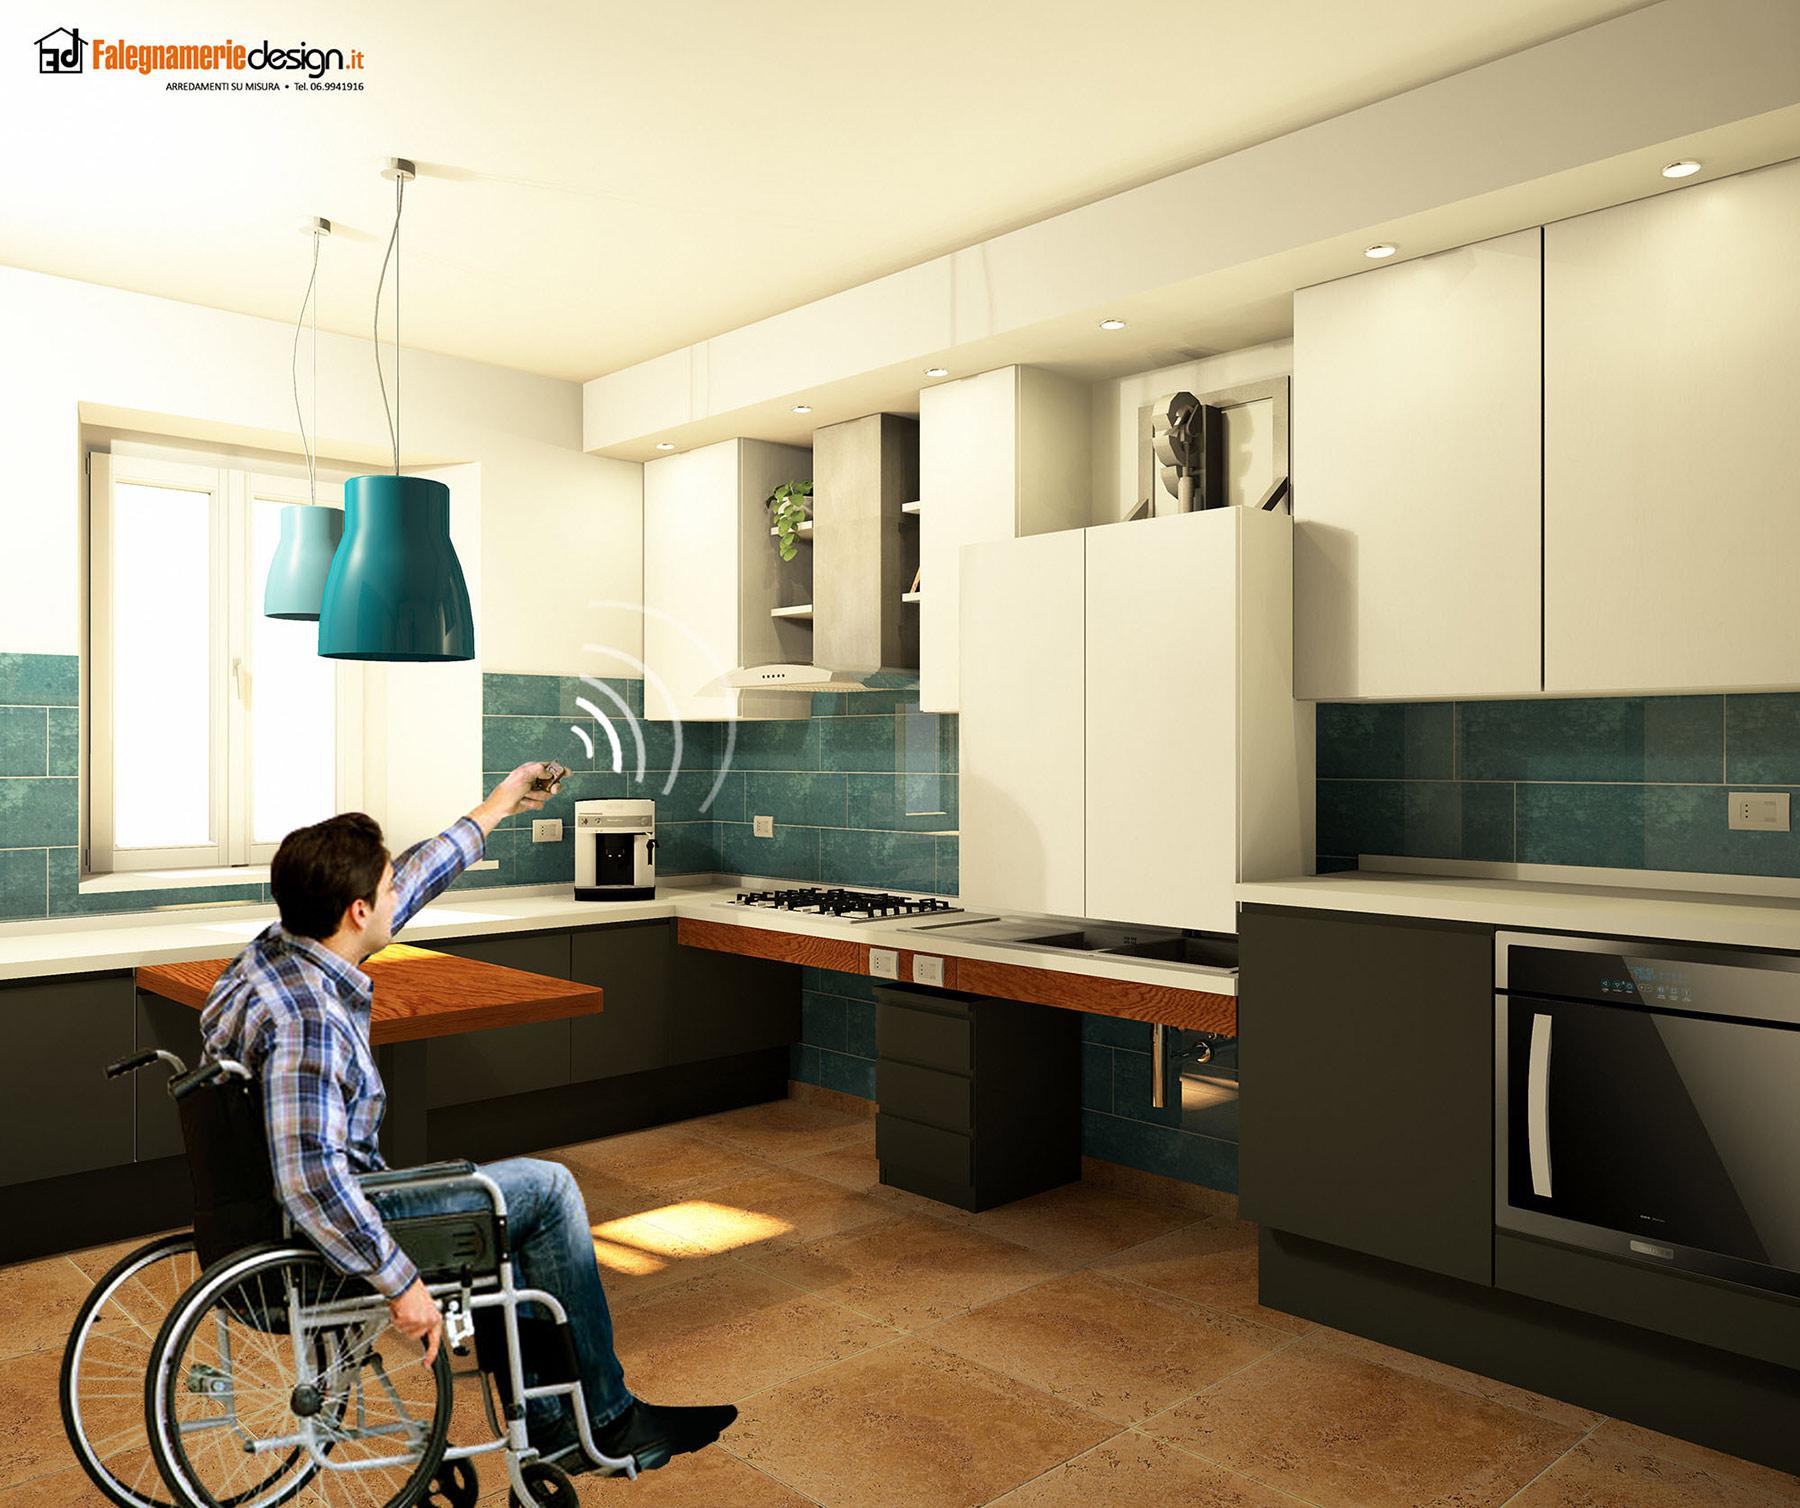 Cucine per disabili il su misura perfetto falegnamerie design - Cucine per disabili ...